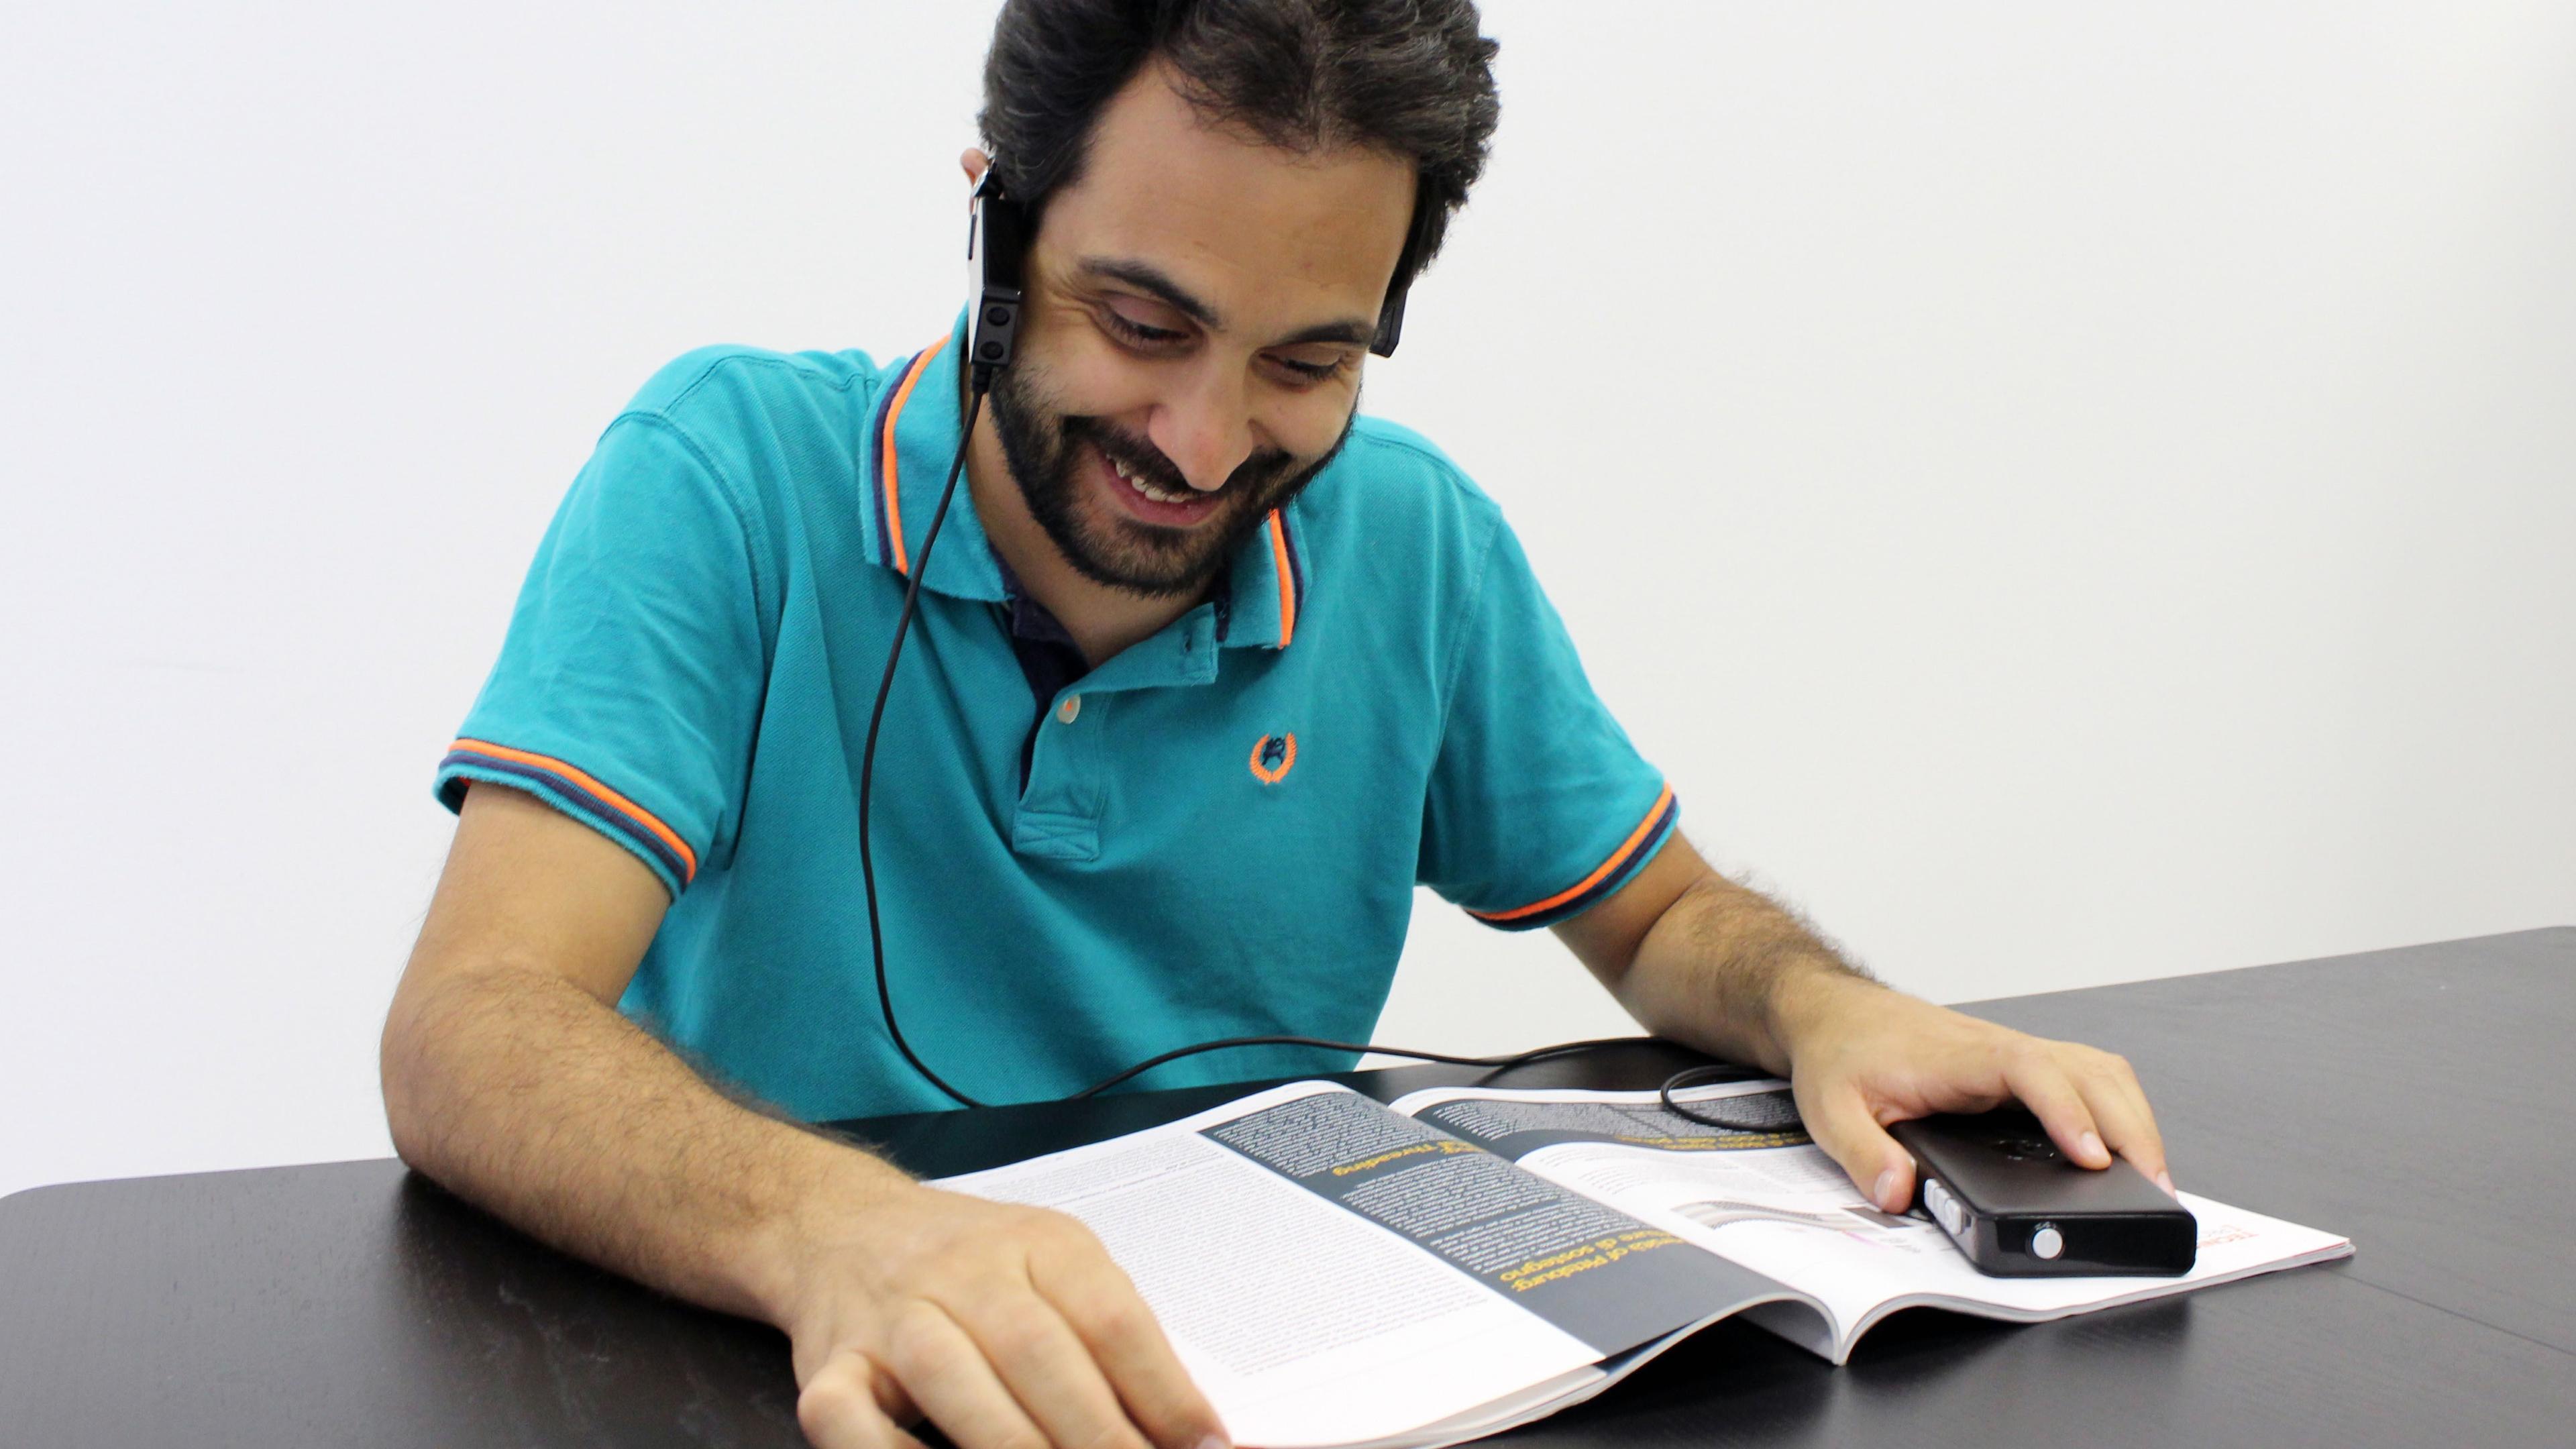 Новый гаджет поможет слепым людям в навигации, чтении и распознавании лиц